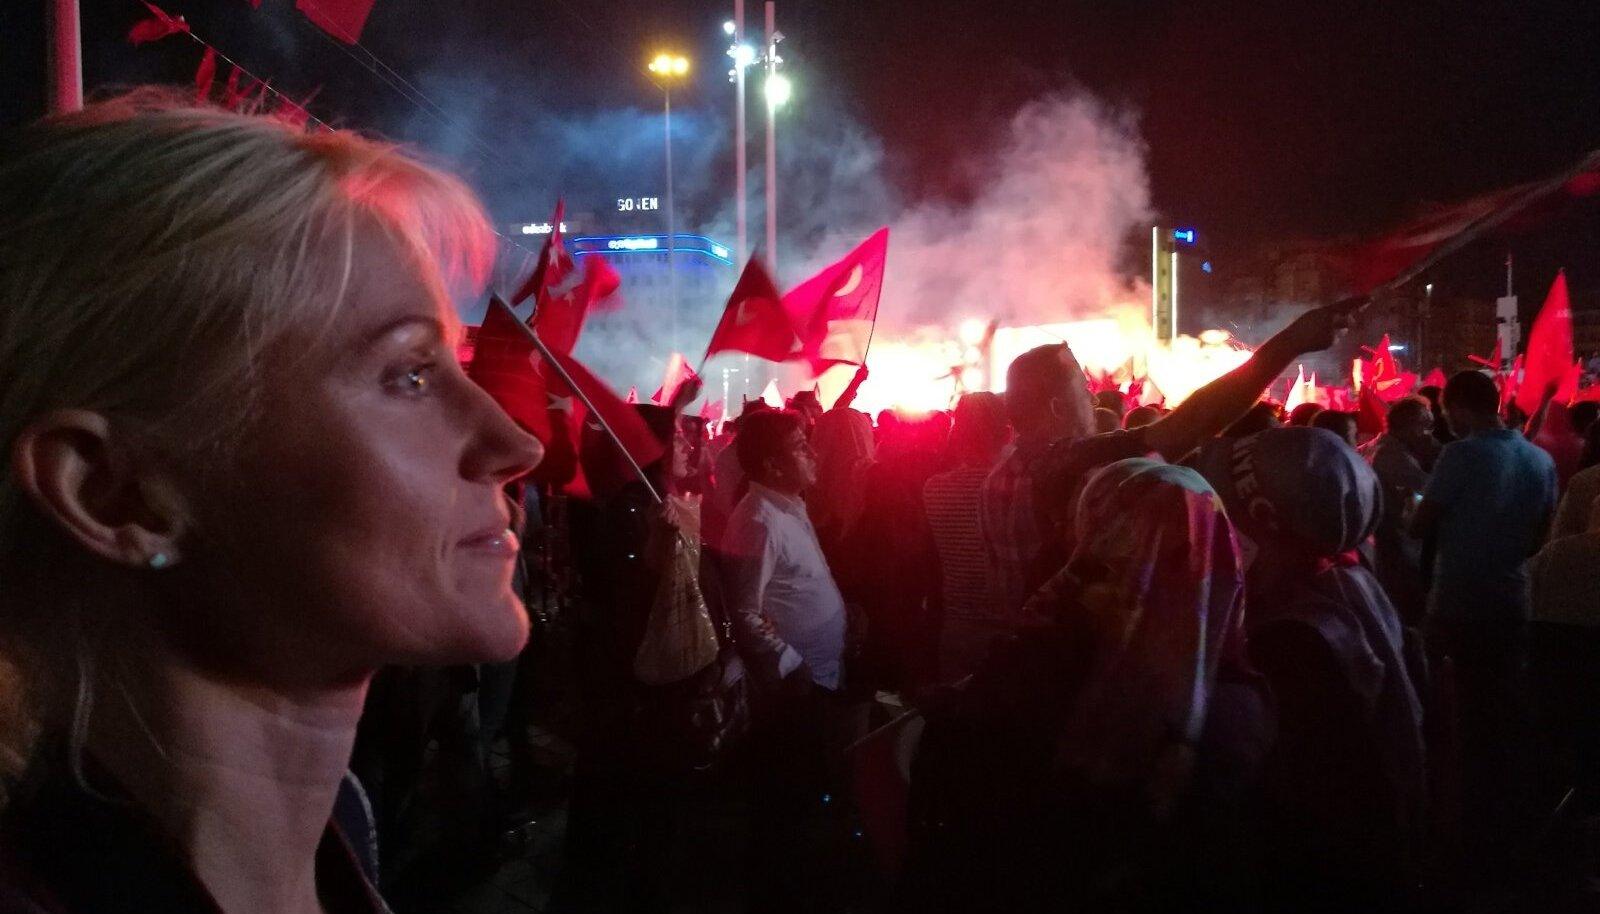 MEIE NAINE ISTANBULIS: kui viimasel nädalal pea igal ööl on HilleHanso (pildil) Taksimi väljakul käinud vaatamas valitseva Õigluse jaArengu partei demokraatiapidusi (samuti pildil), siis 24. juulivarasel õhtutunnil lasti  Taksimi väljakul meelt avaldada kaopositsioonilise Vabariikliku Rahvapartei toetajail. Tõsi,ühistranspordiga oli sel õhtul Taksimi väljakule saamisega raskusi,sest bussid väga ei liikunud.